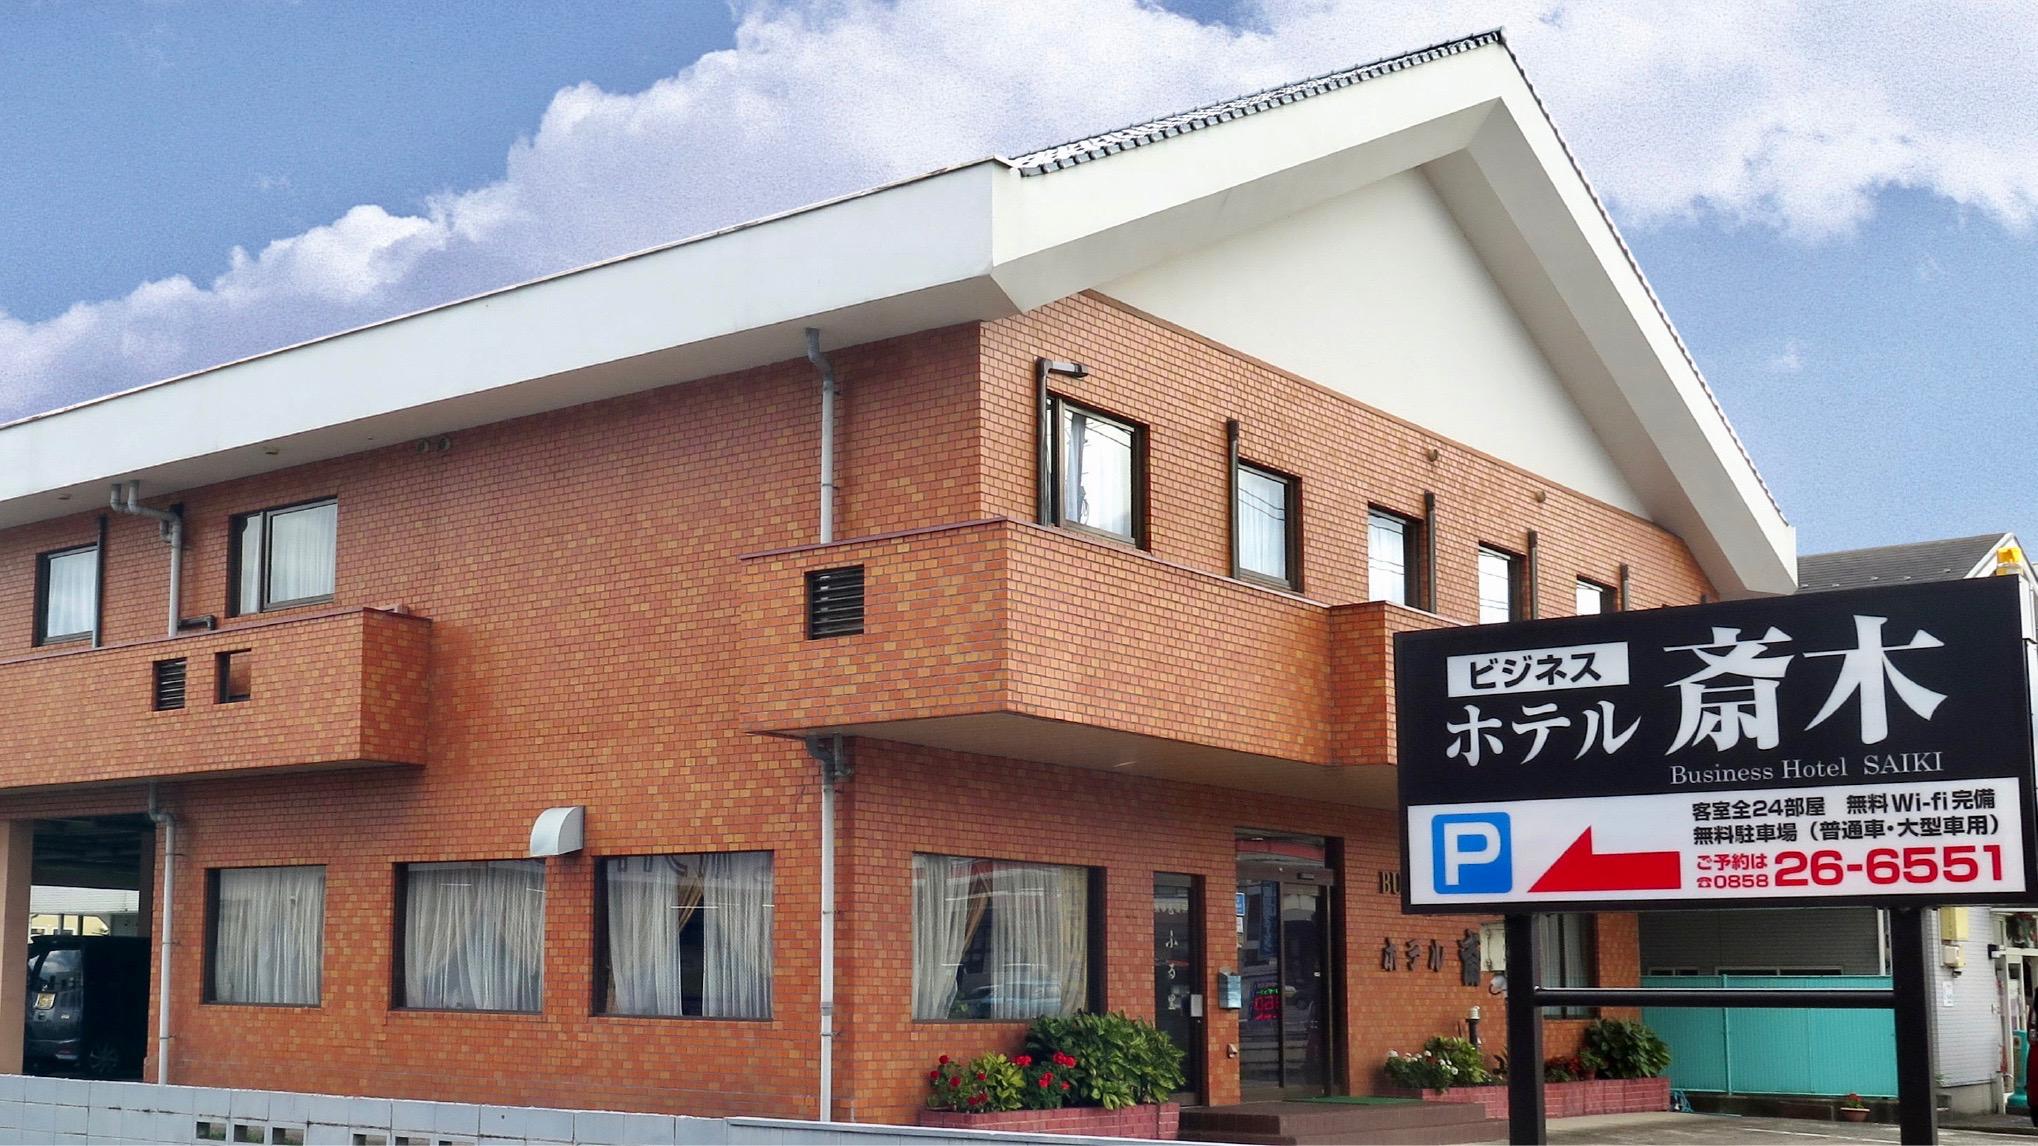 ビジネスホテル斉木